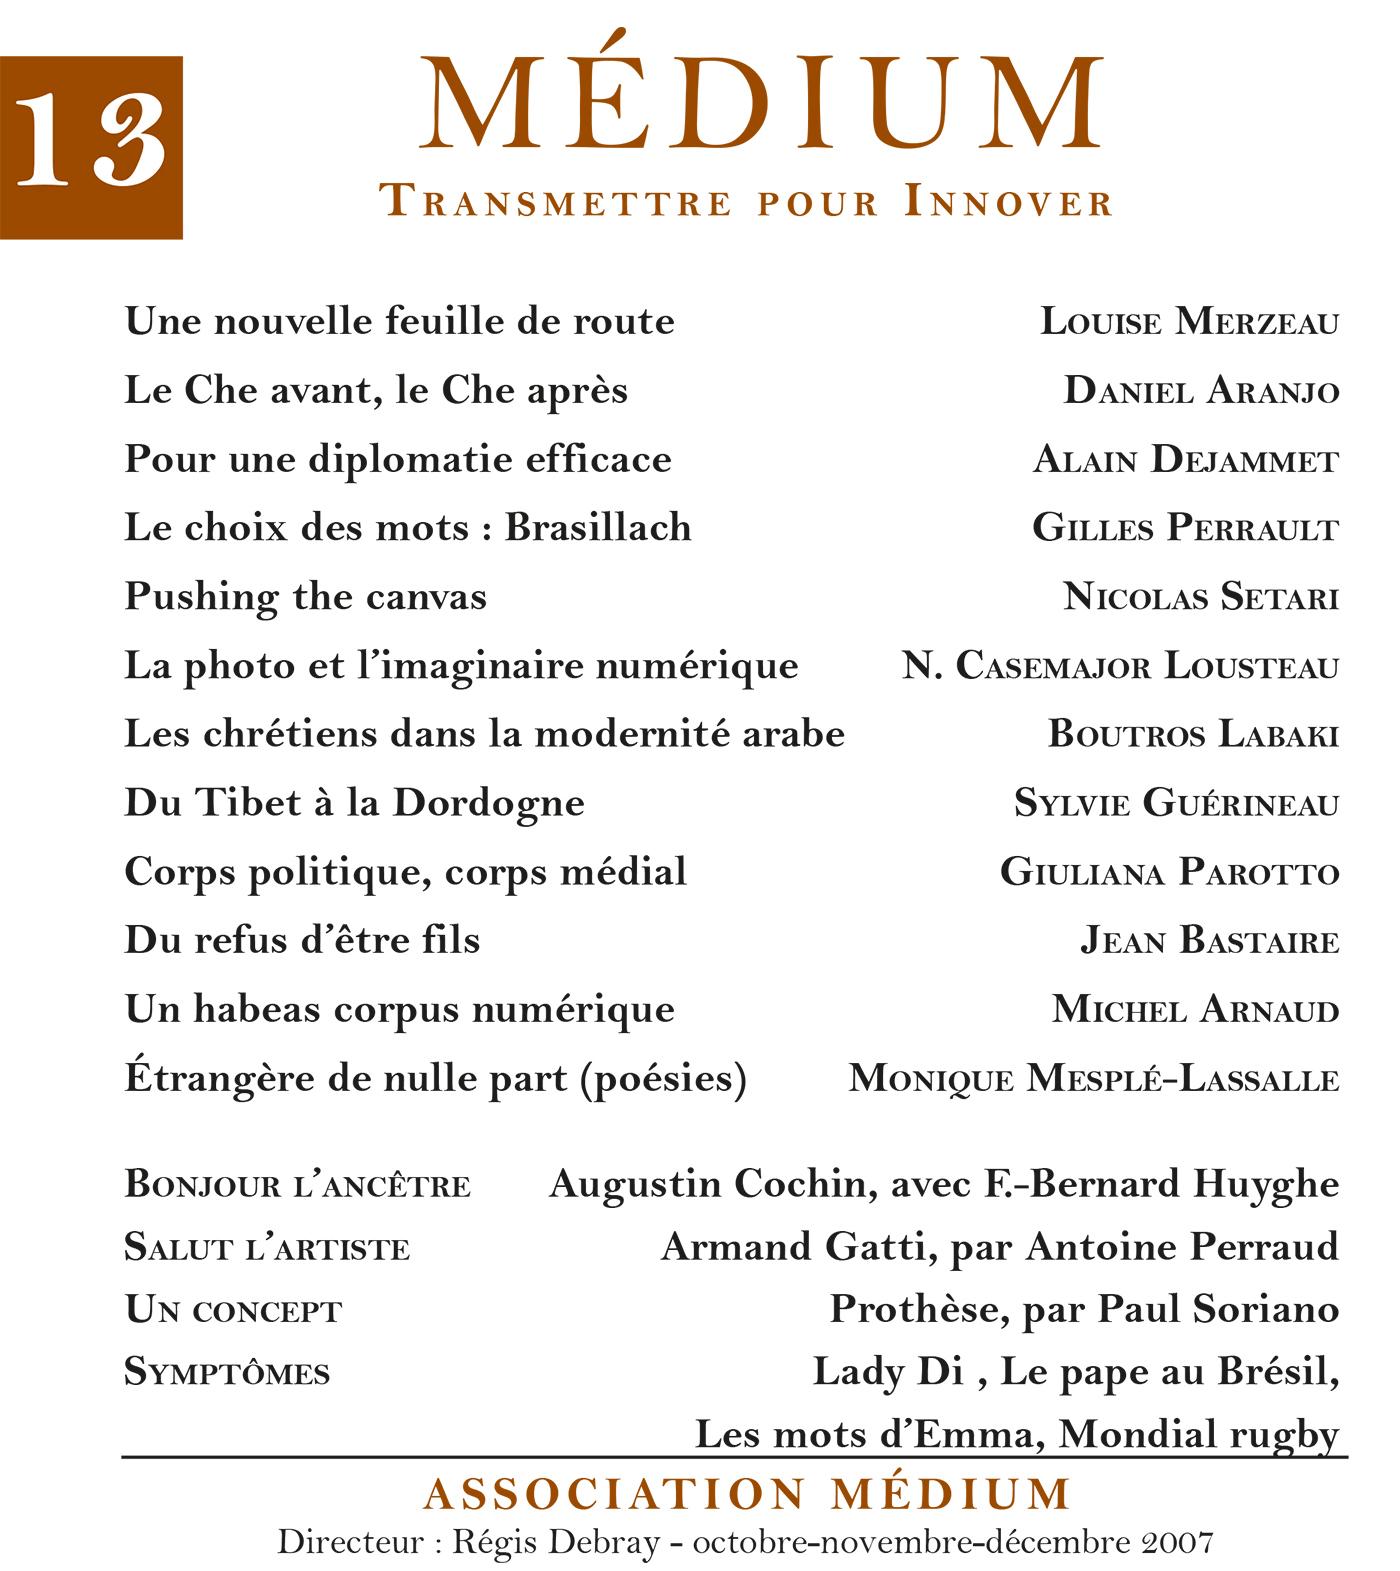 Médium n°13, octobre-décembre 2007